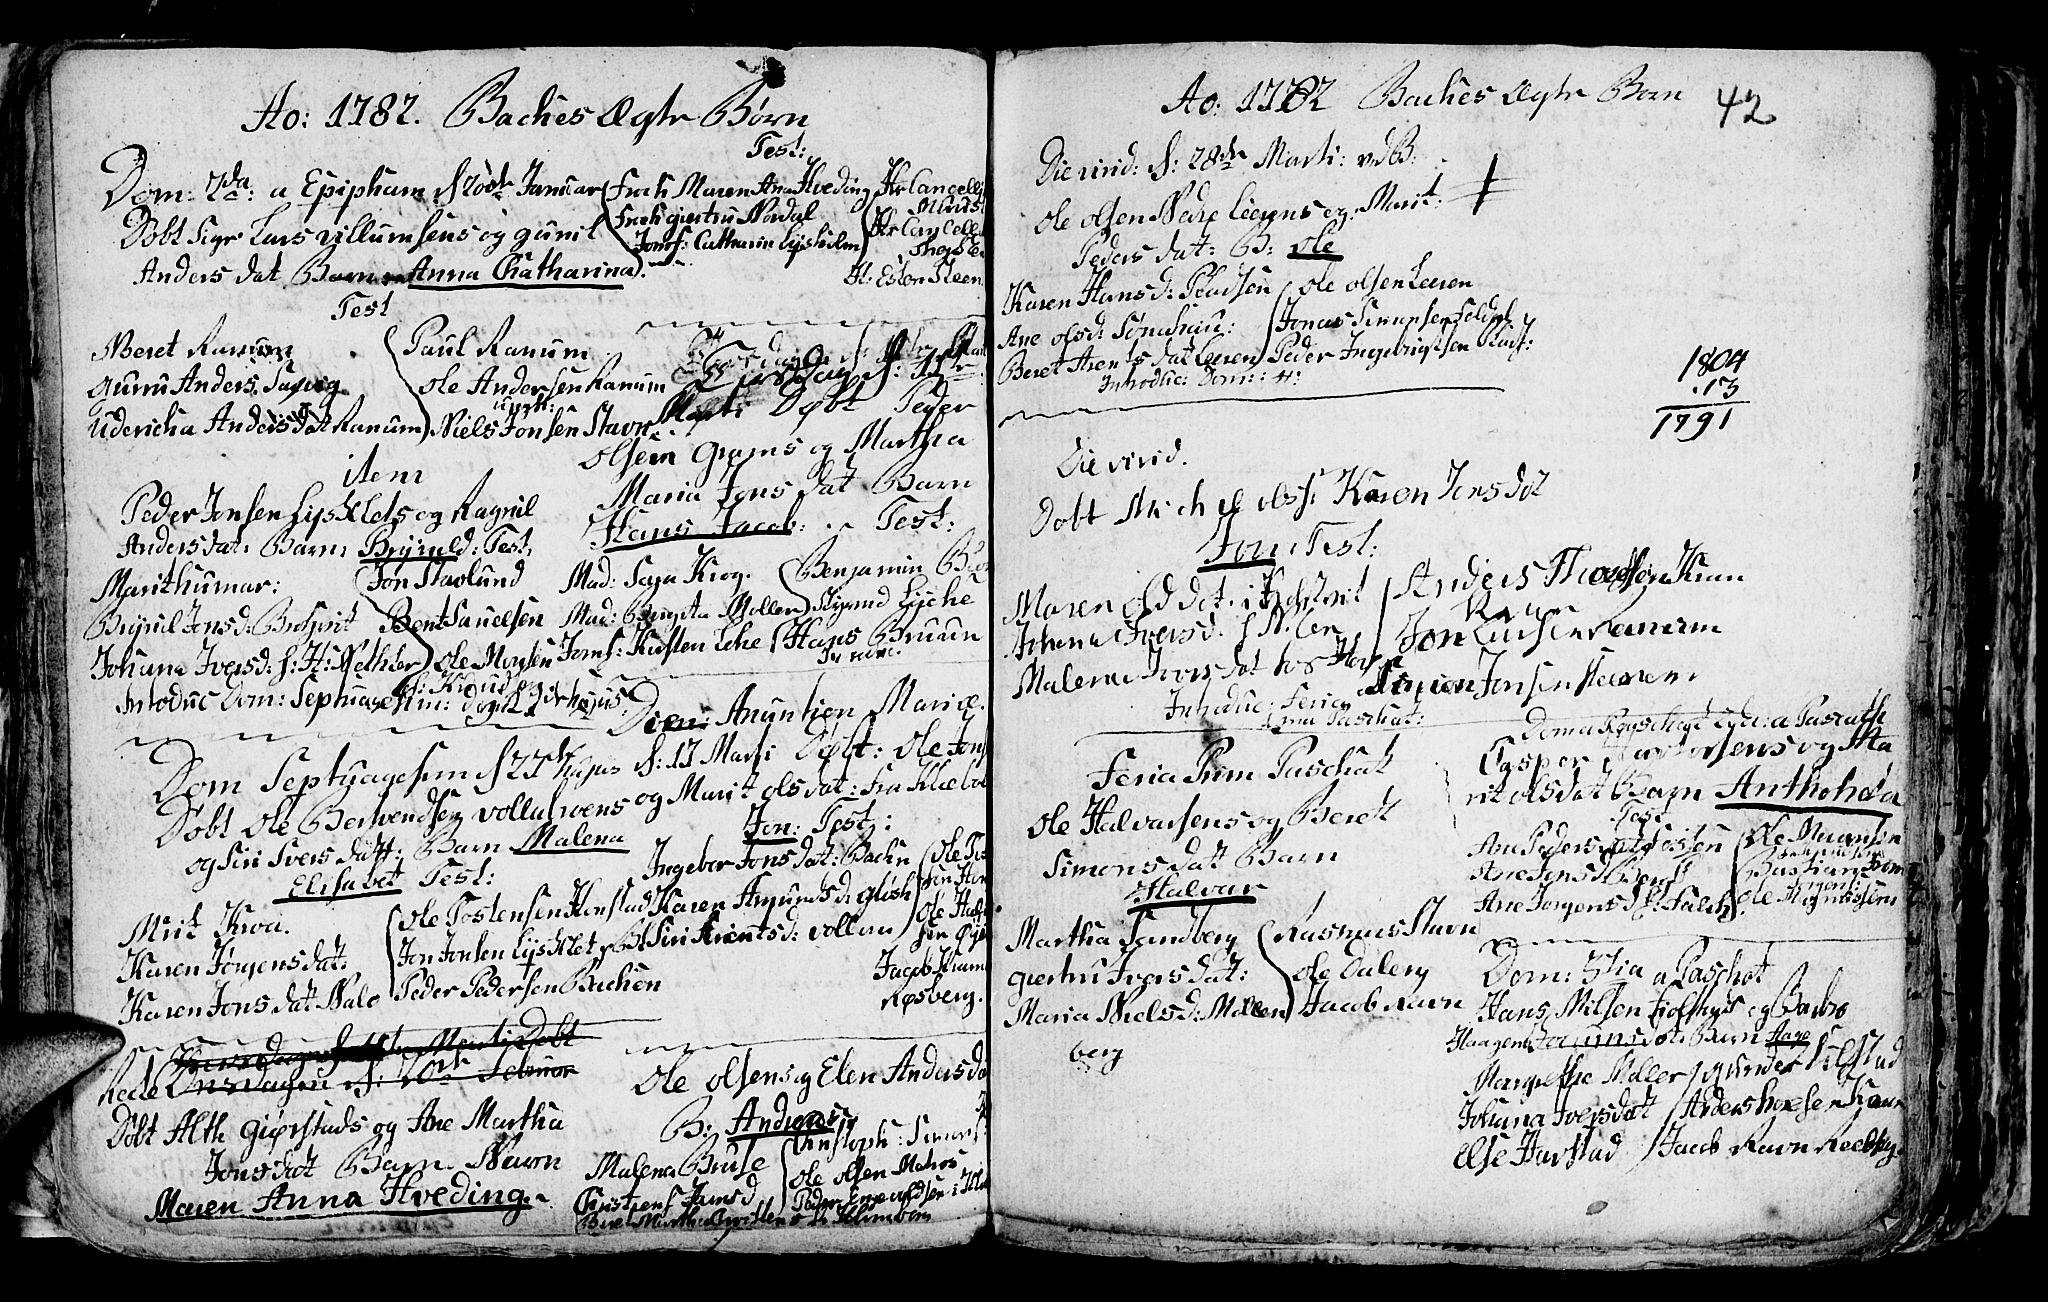 SAT, Ministerialprotokoller, klokkerbøker og fødselsregistre - Sør-Trøndelag, 604/L0218: Klokkerbok nr. 604C01, 1754-1819, s. 42